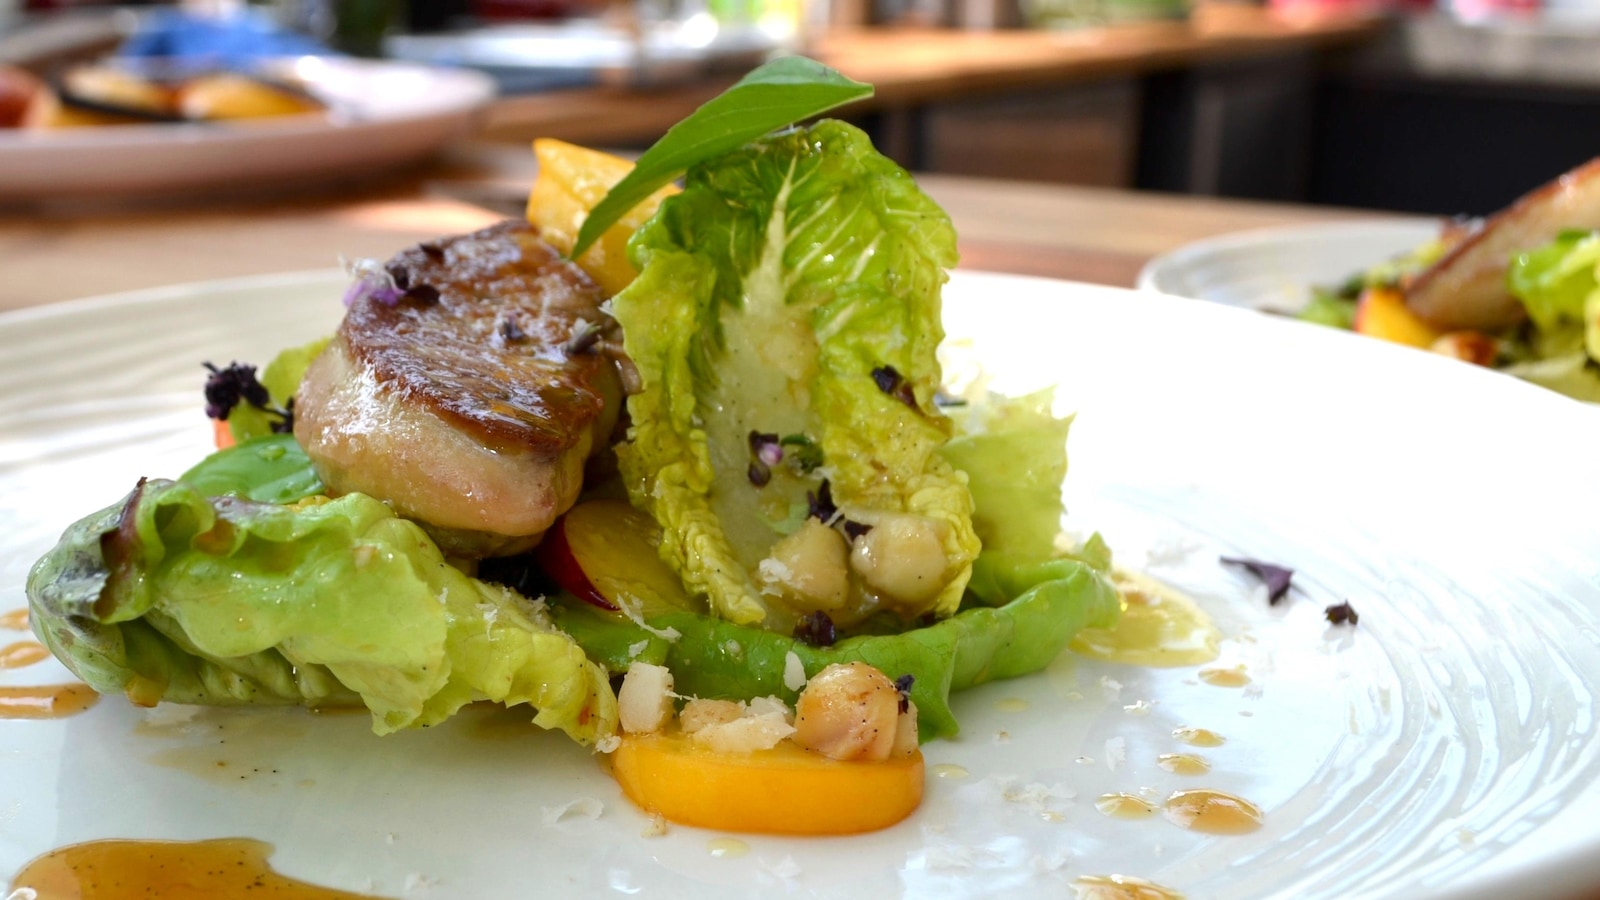 Une assiette composée de laitue, de pêches et de foie gras.